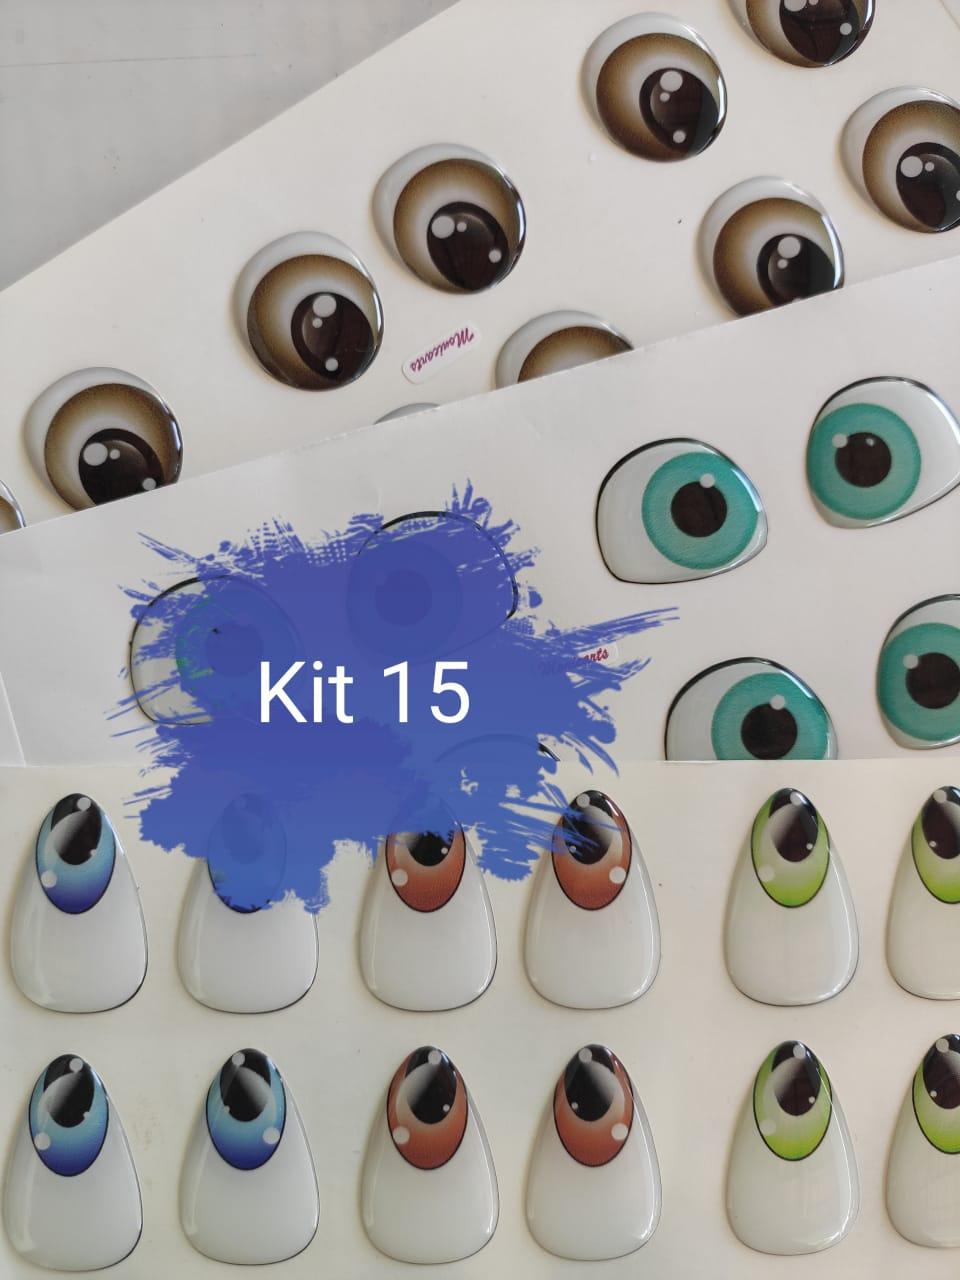 Kit 15.